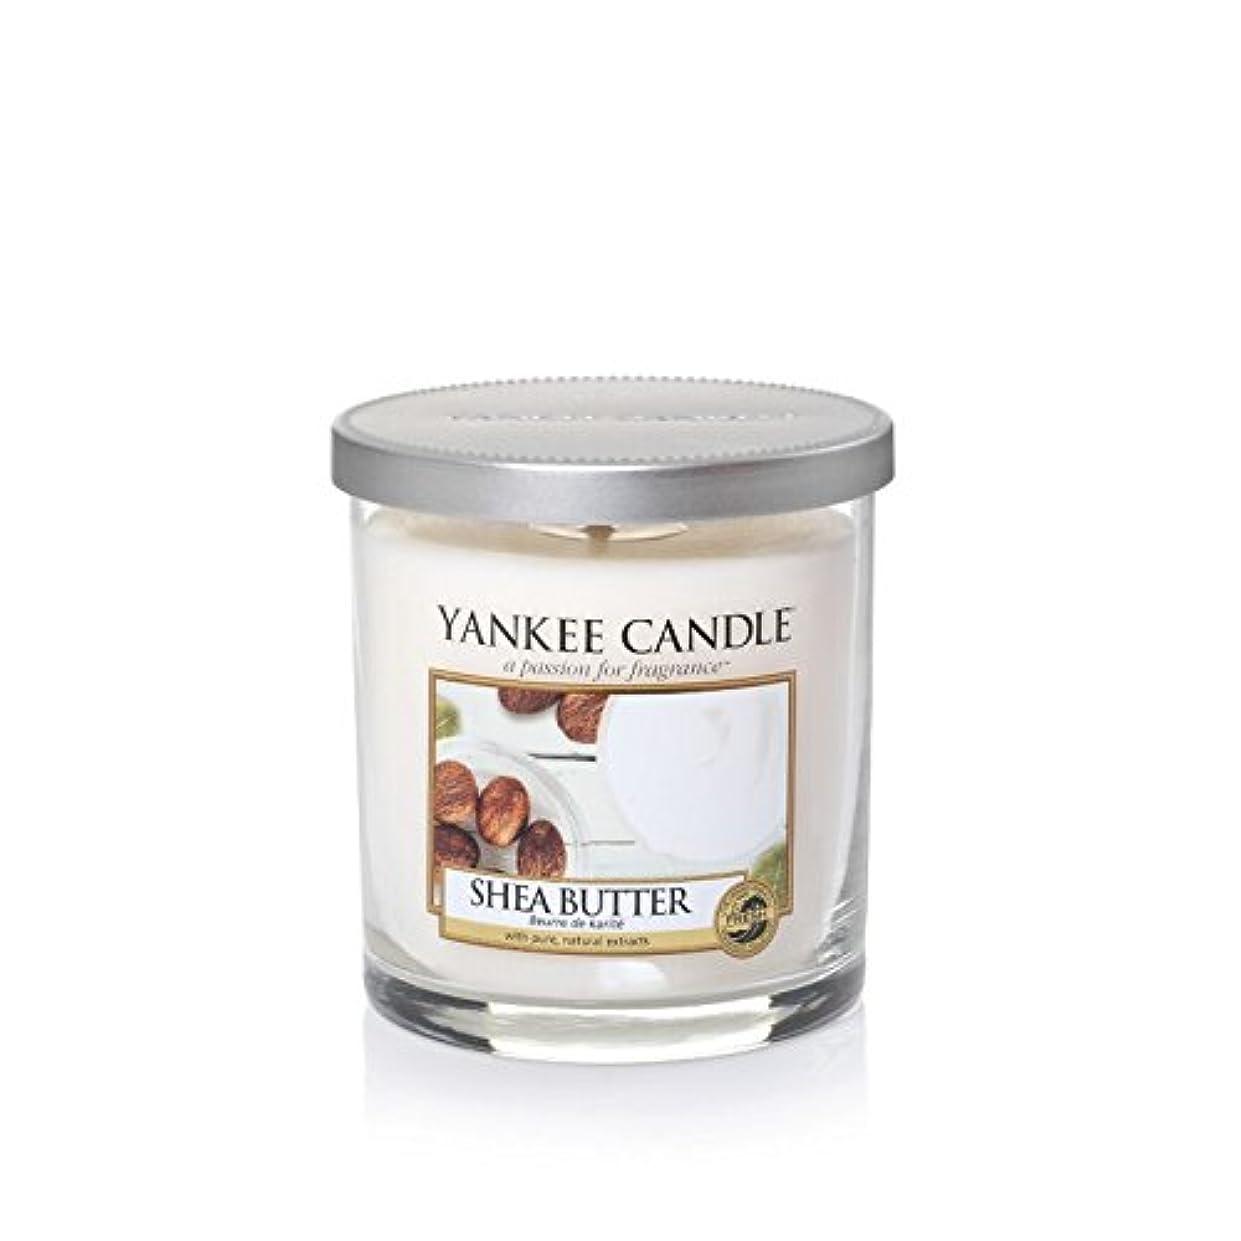 既婚七面鳥キャプションYankee Candles Small Pillar Candle - Shea Butter (Pack of 2) - ヤンキーキャンドルの小さな柱キャンドル - シアバター (x2) [並行輸入品]